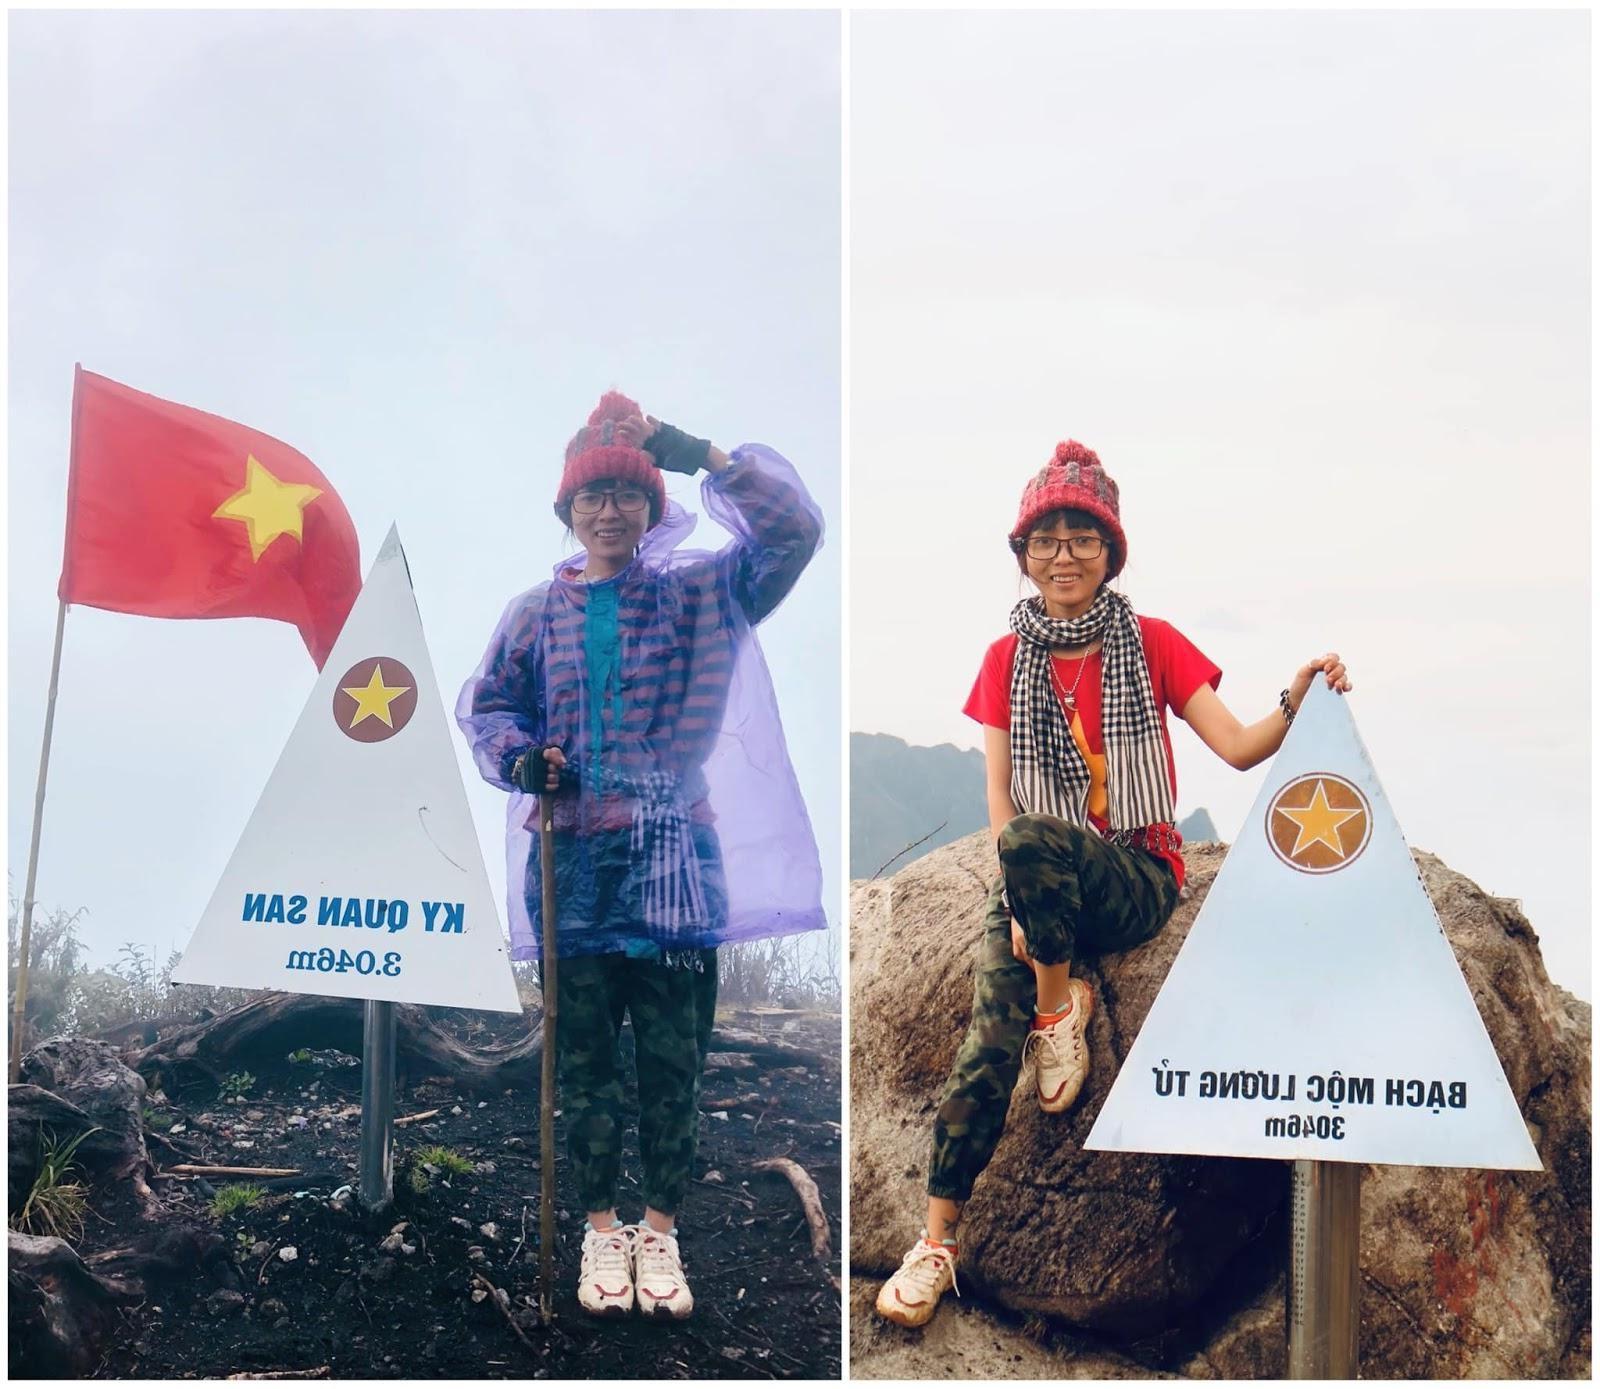 cô gái 39 kg chinh phục 15 đỉnh núi cao nhất Việt Nam